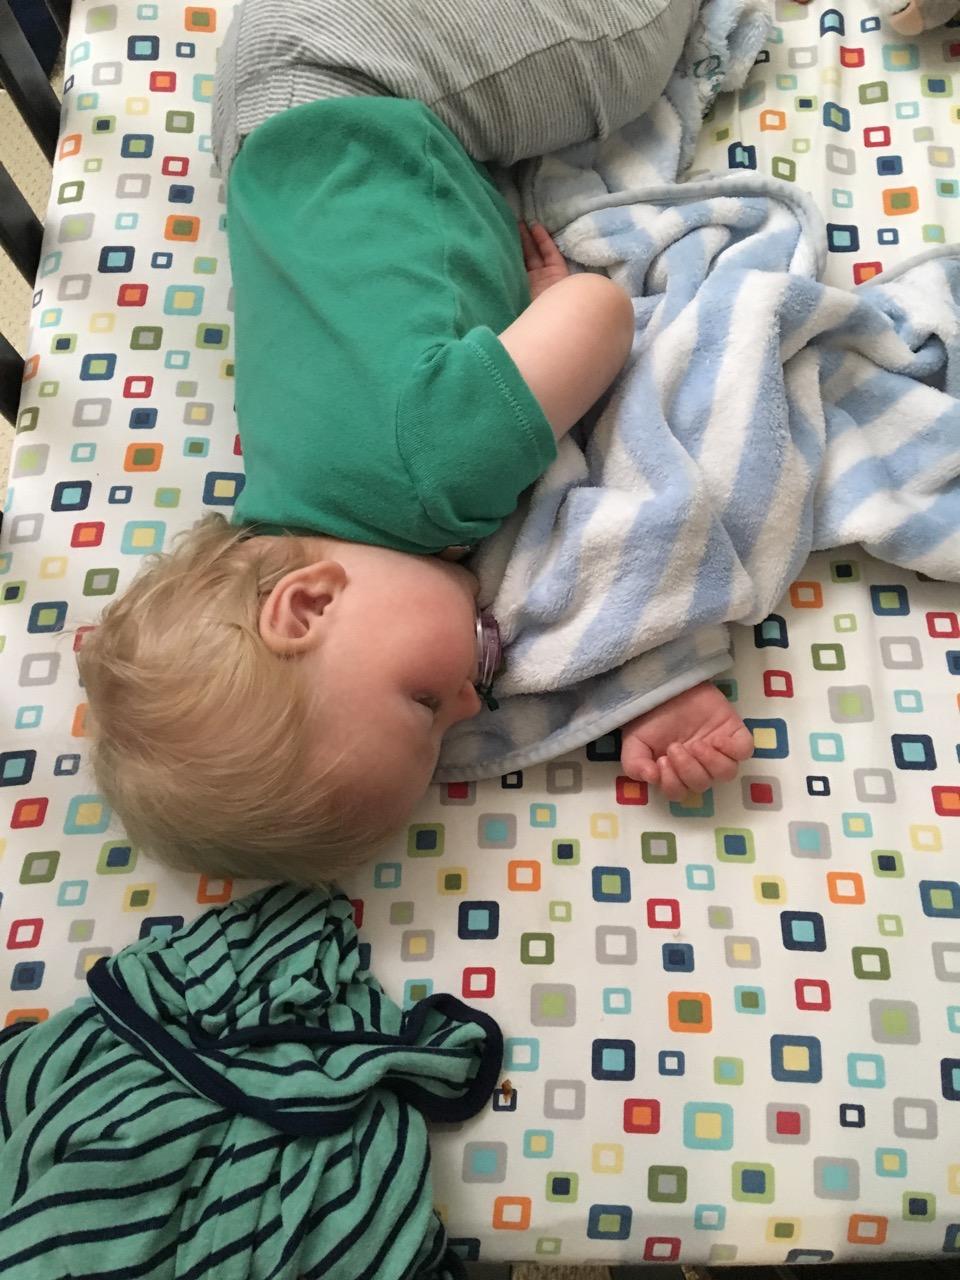 A rare calm nap moment